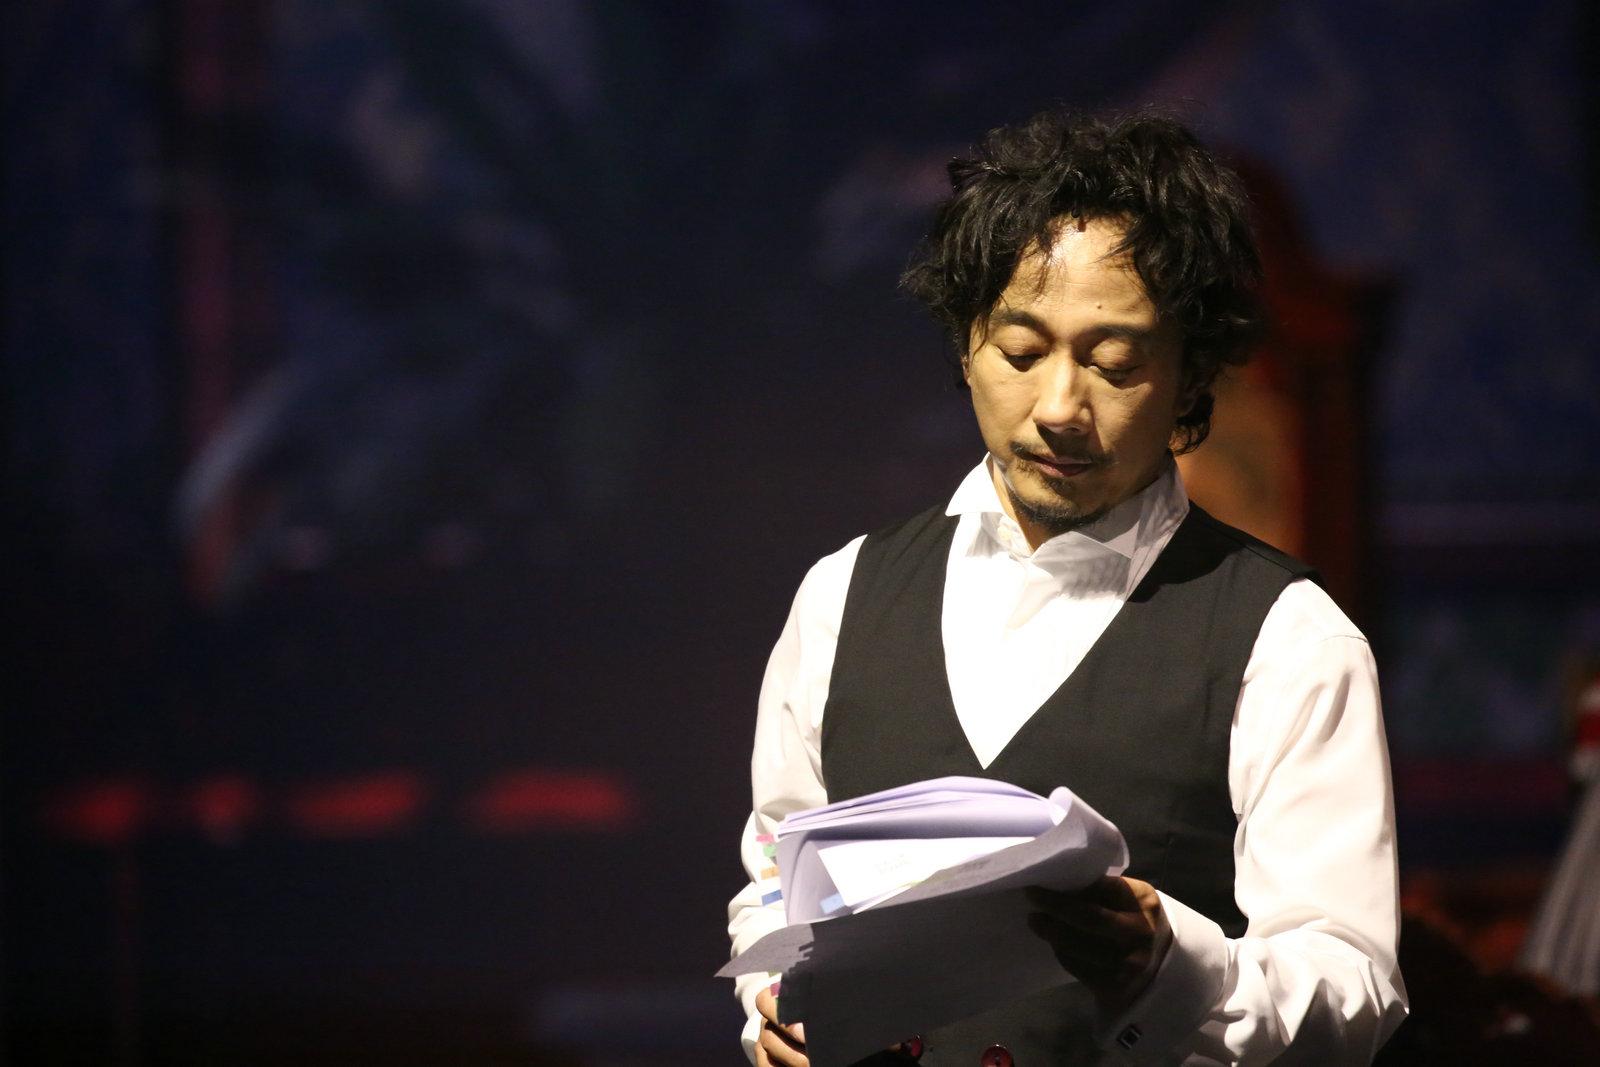 《三体》将首次搬上荧幕,他顶替冯绍峰出演男主角?